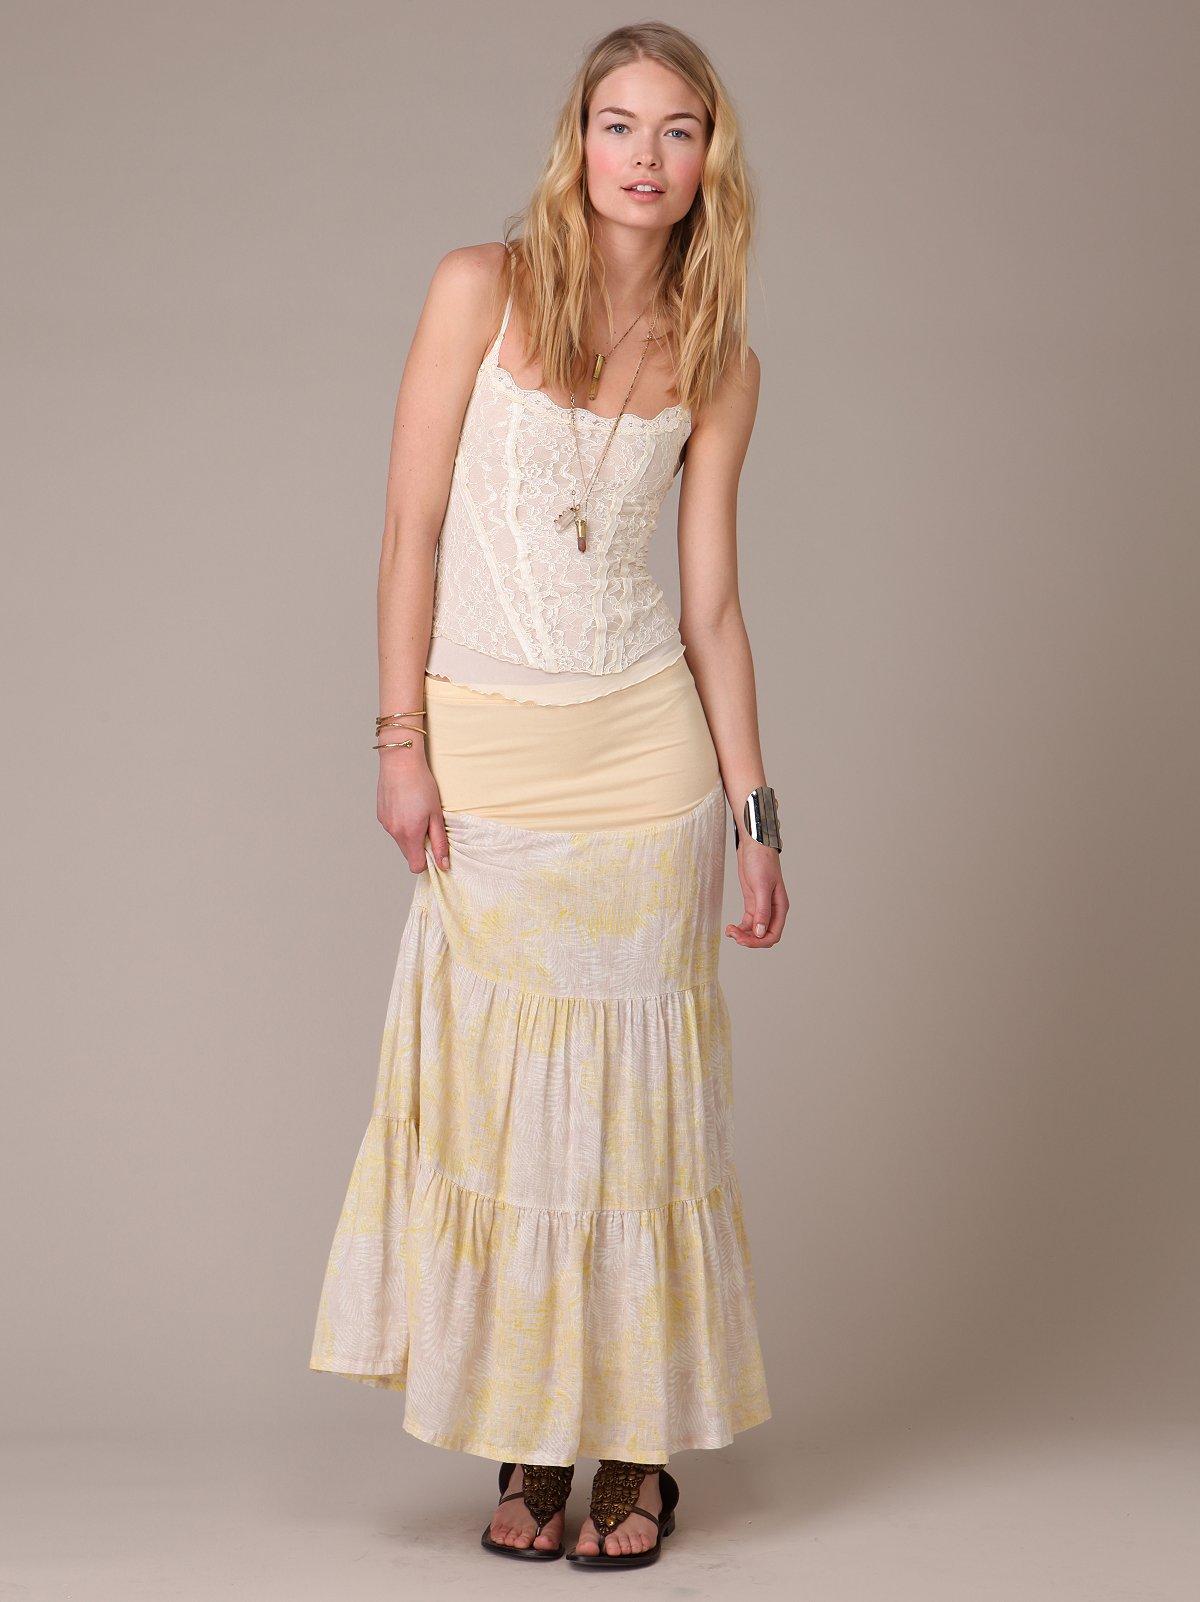 Spring Festival Convertible Skirt